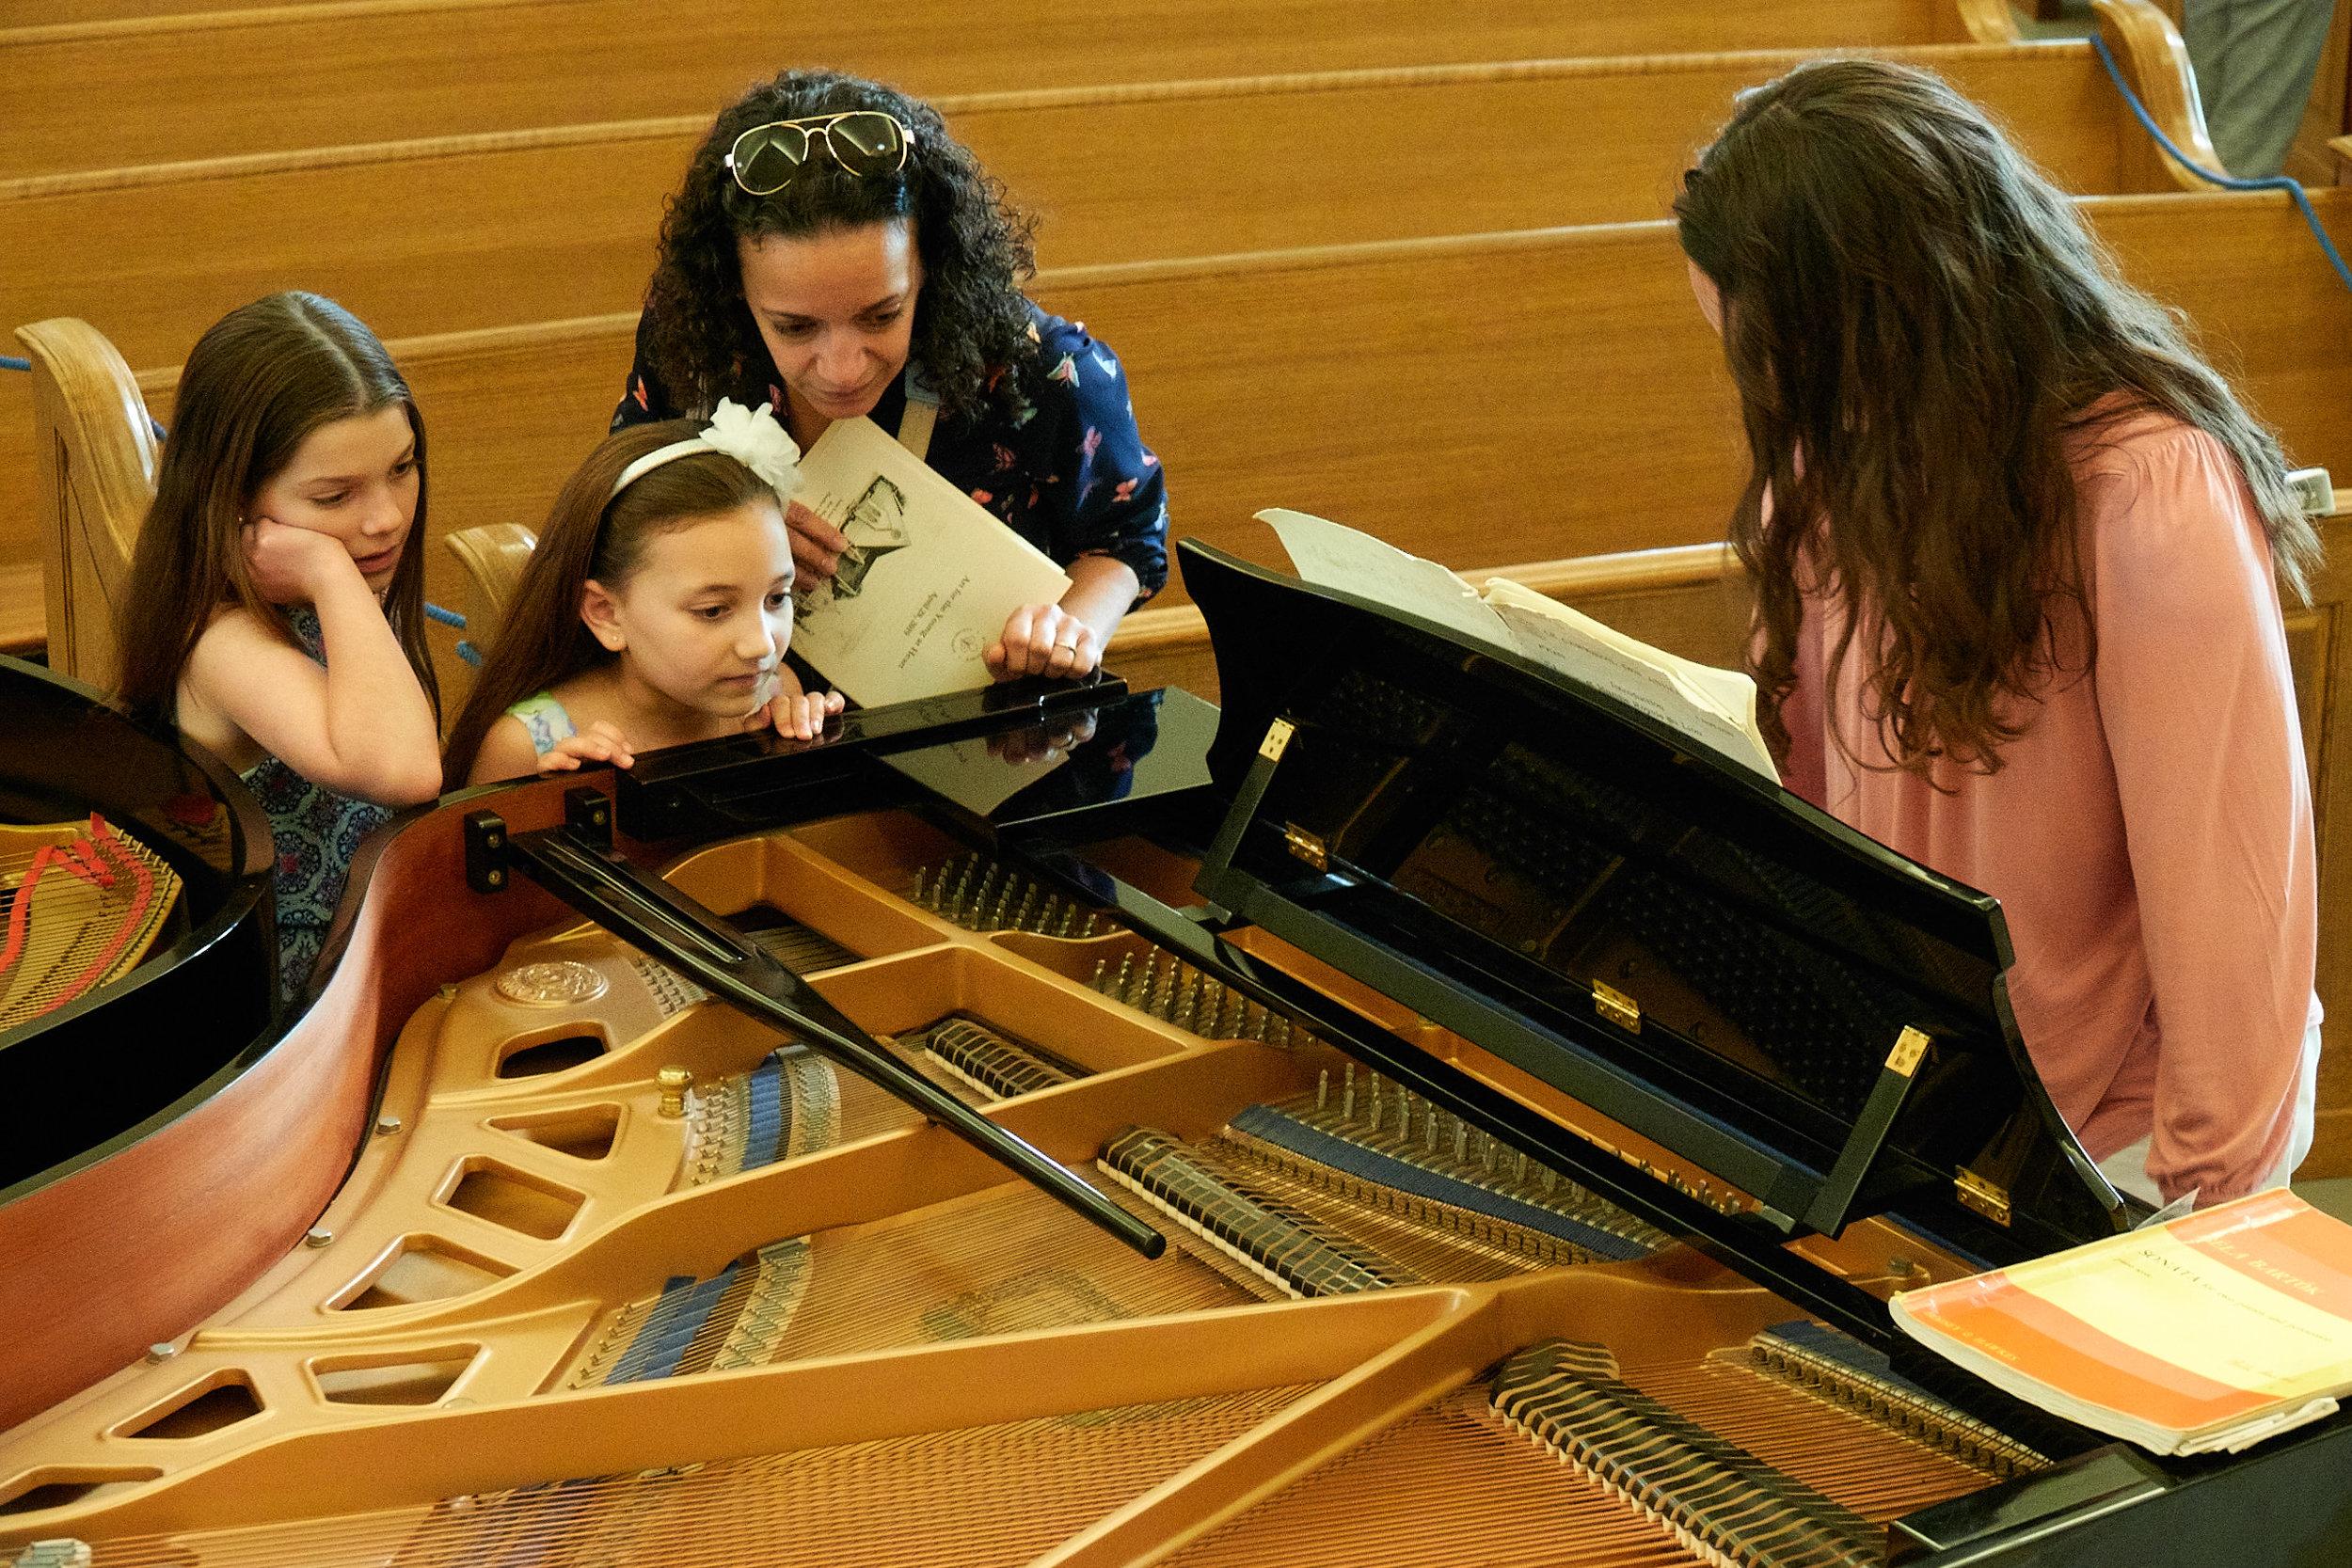 Larissa Sanders shows off a grand piano.